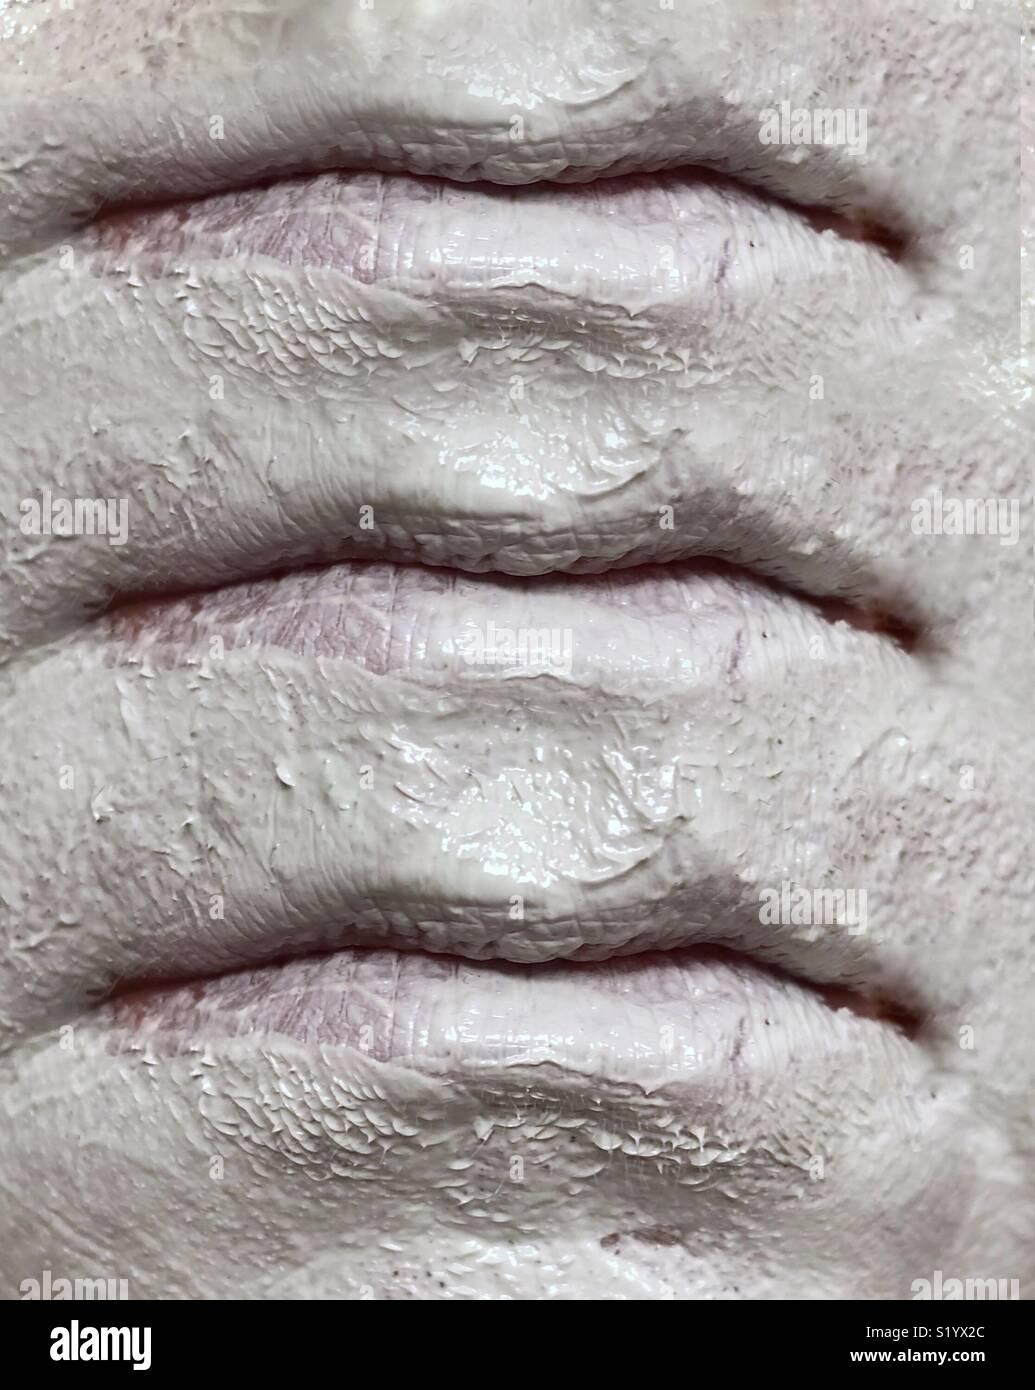 Ein abstraktes Bild von drei Sets von Lippen, der auf ein Gesicht Tragen eines weißen Ton Schlamm Maske Stockbild